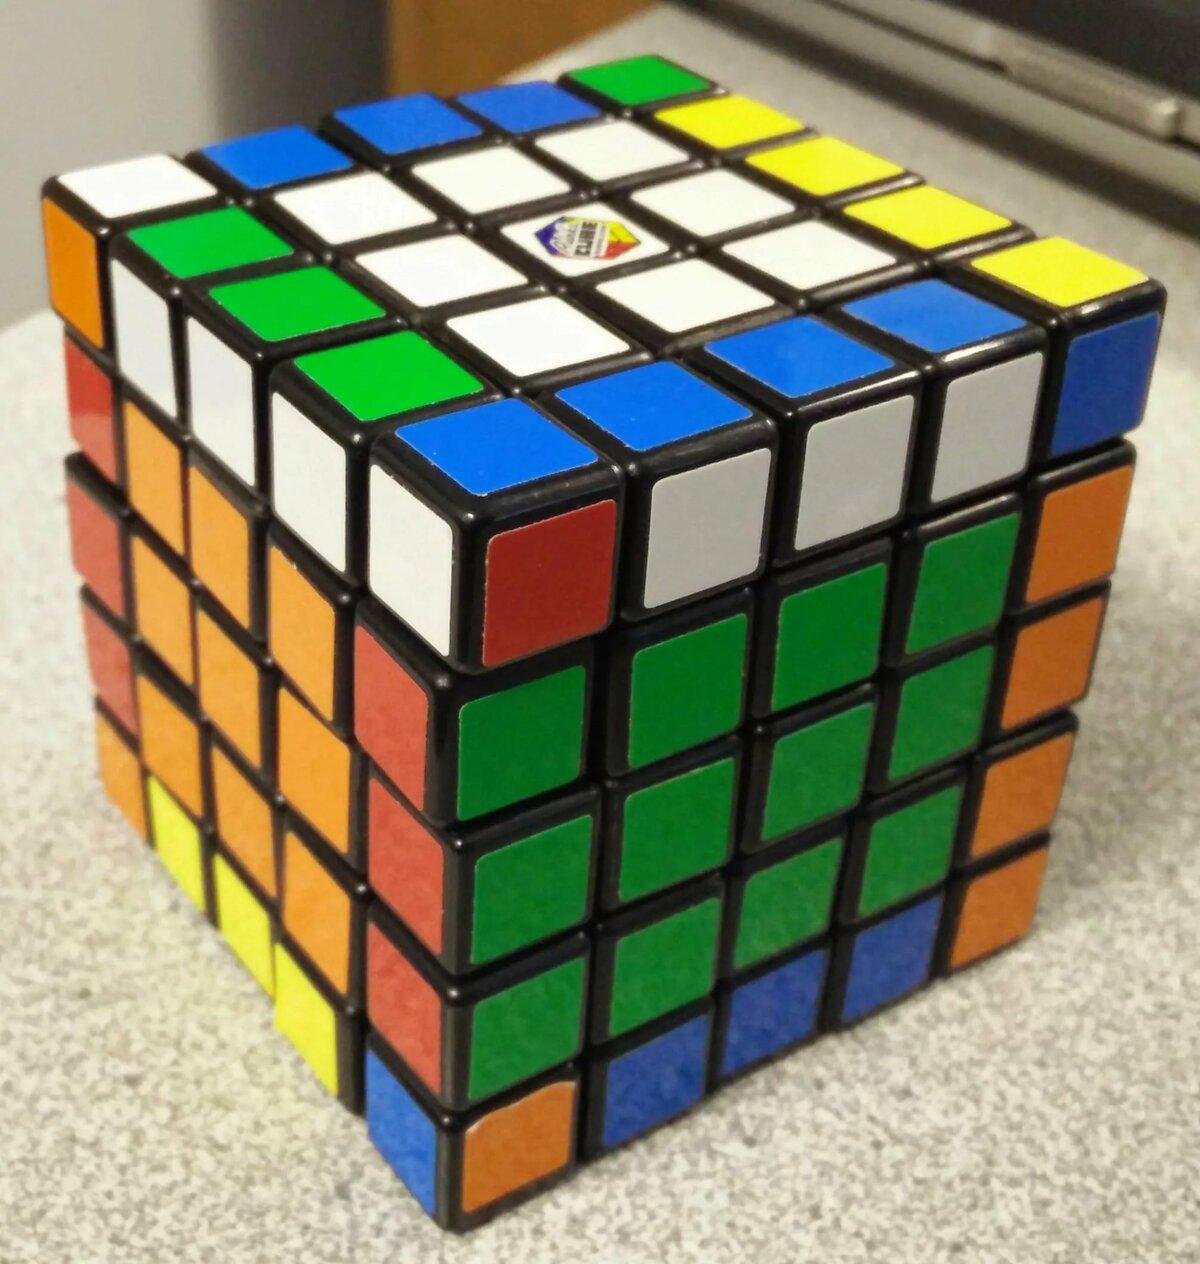 этот кубик-рубик грани картинки платье, насколько могла